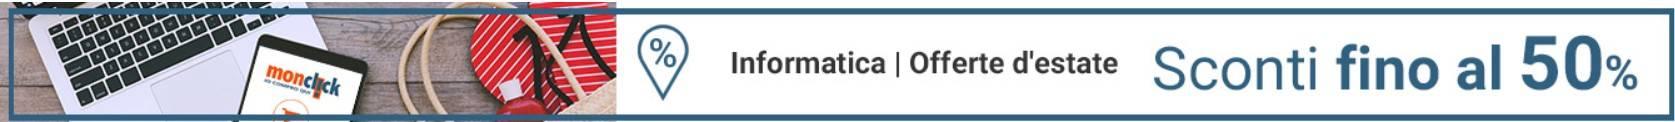 offerte_estate_monclick_informatica